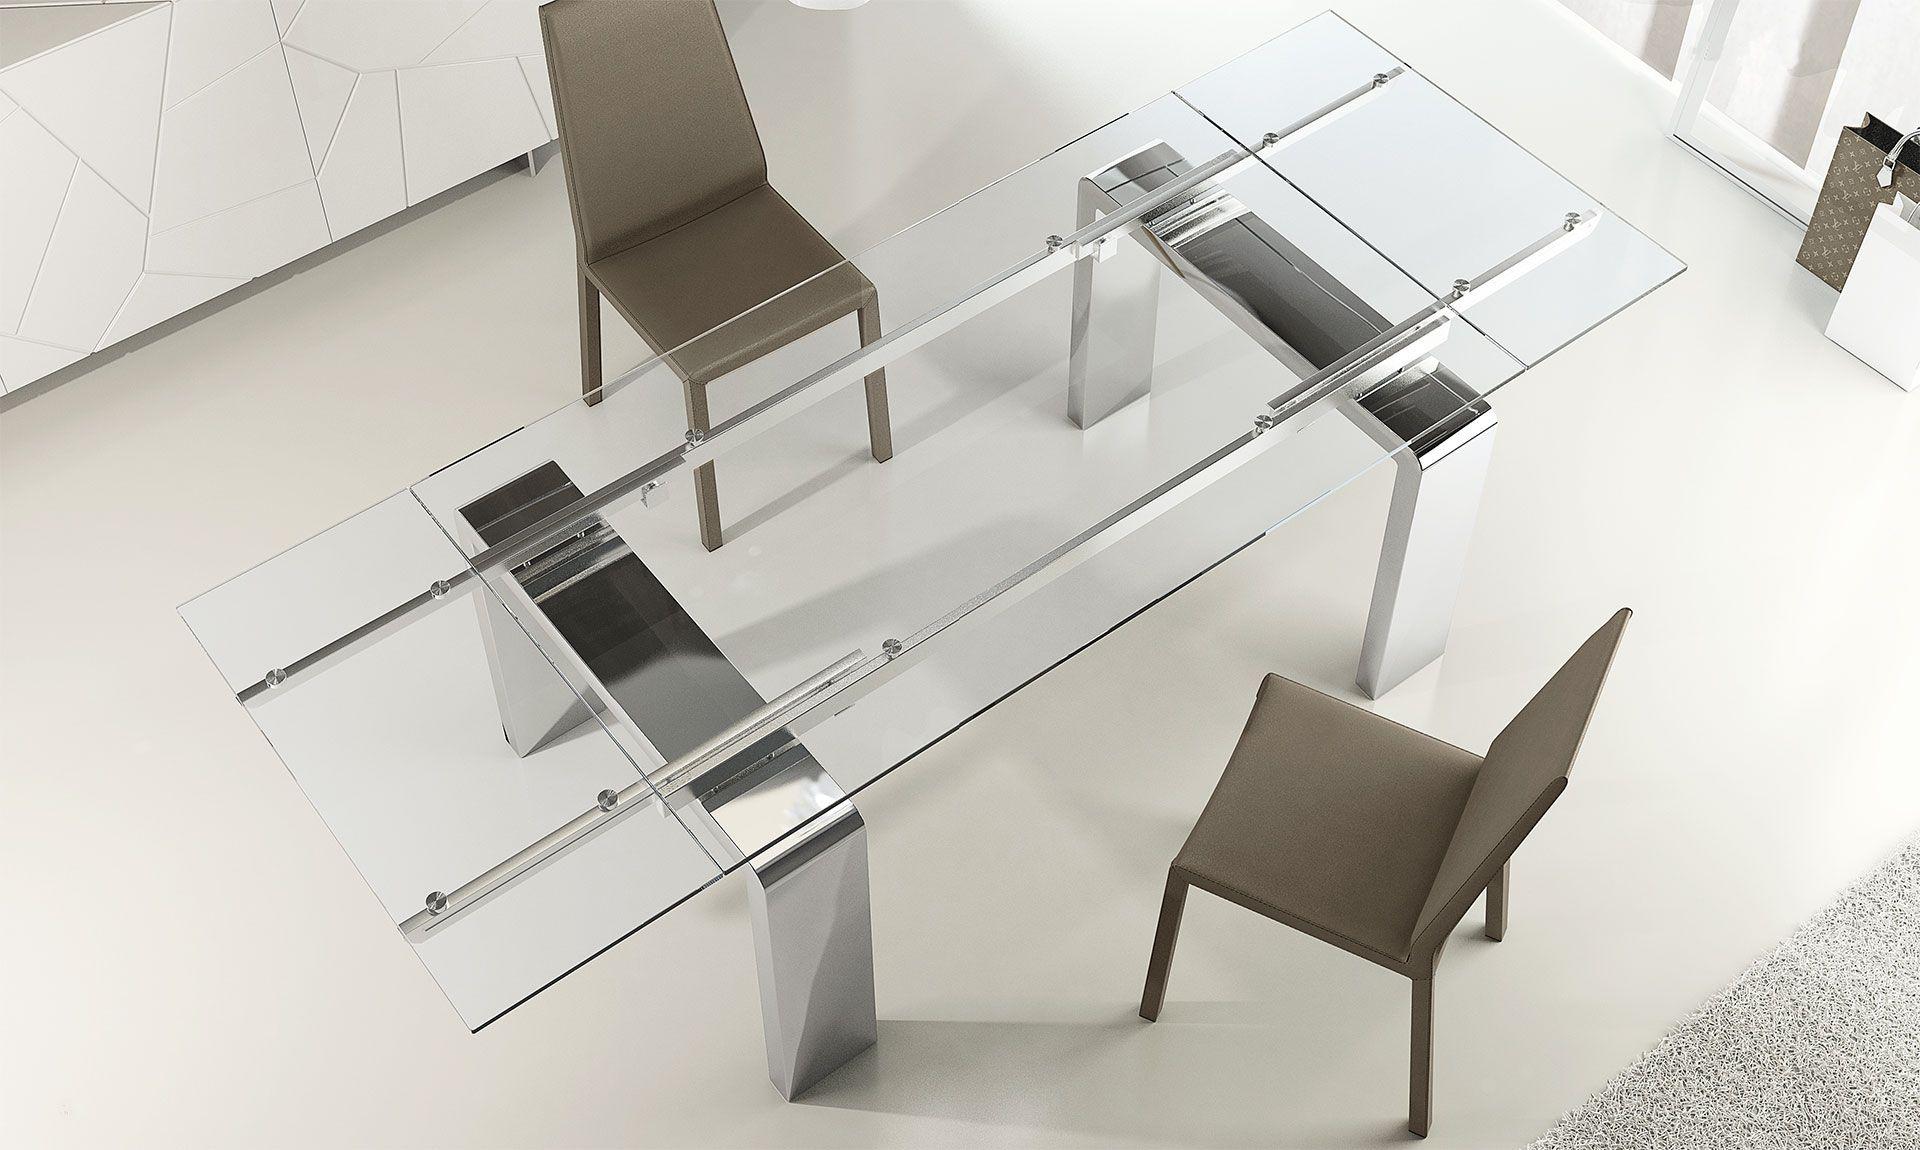 Tavolo In ~ Tavolo in cristallo e acciaio mito e un tavolo allungabile con